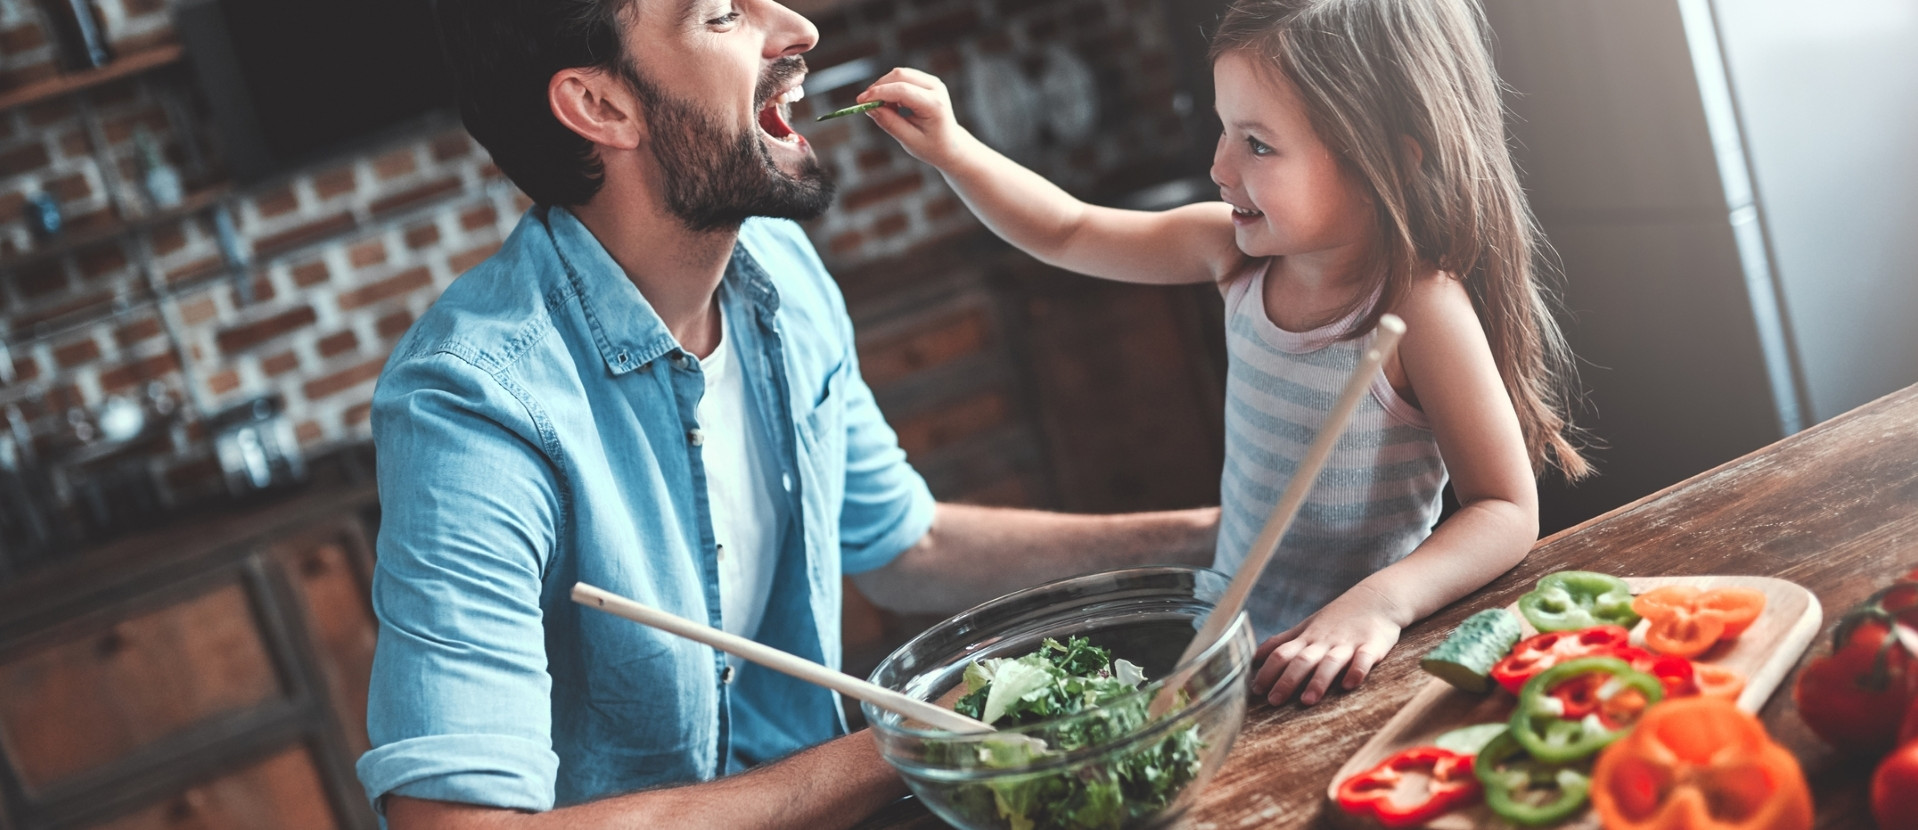 Kind füttert Mann mit Gurke